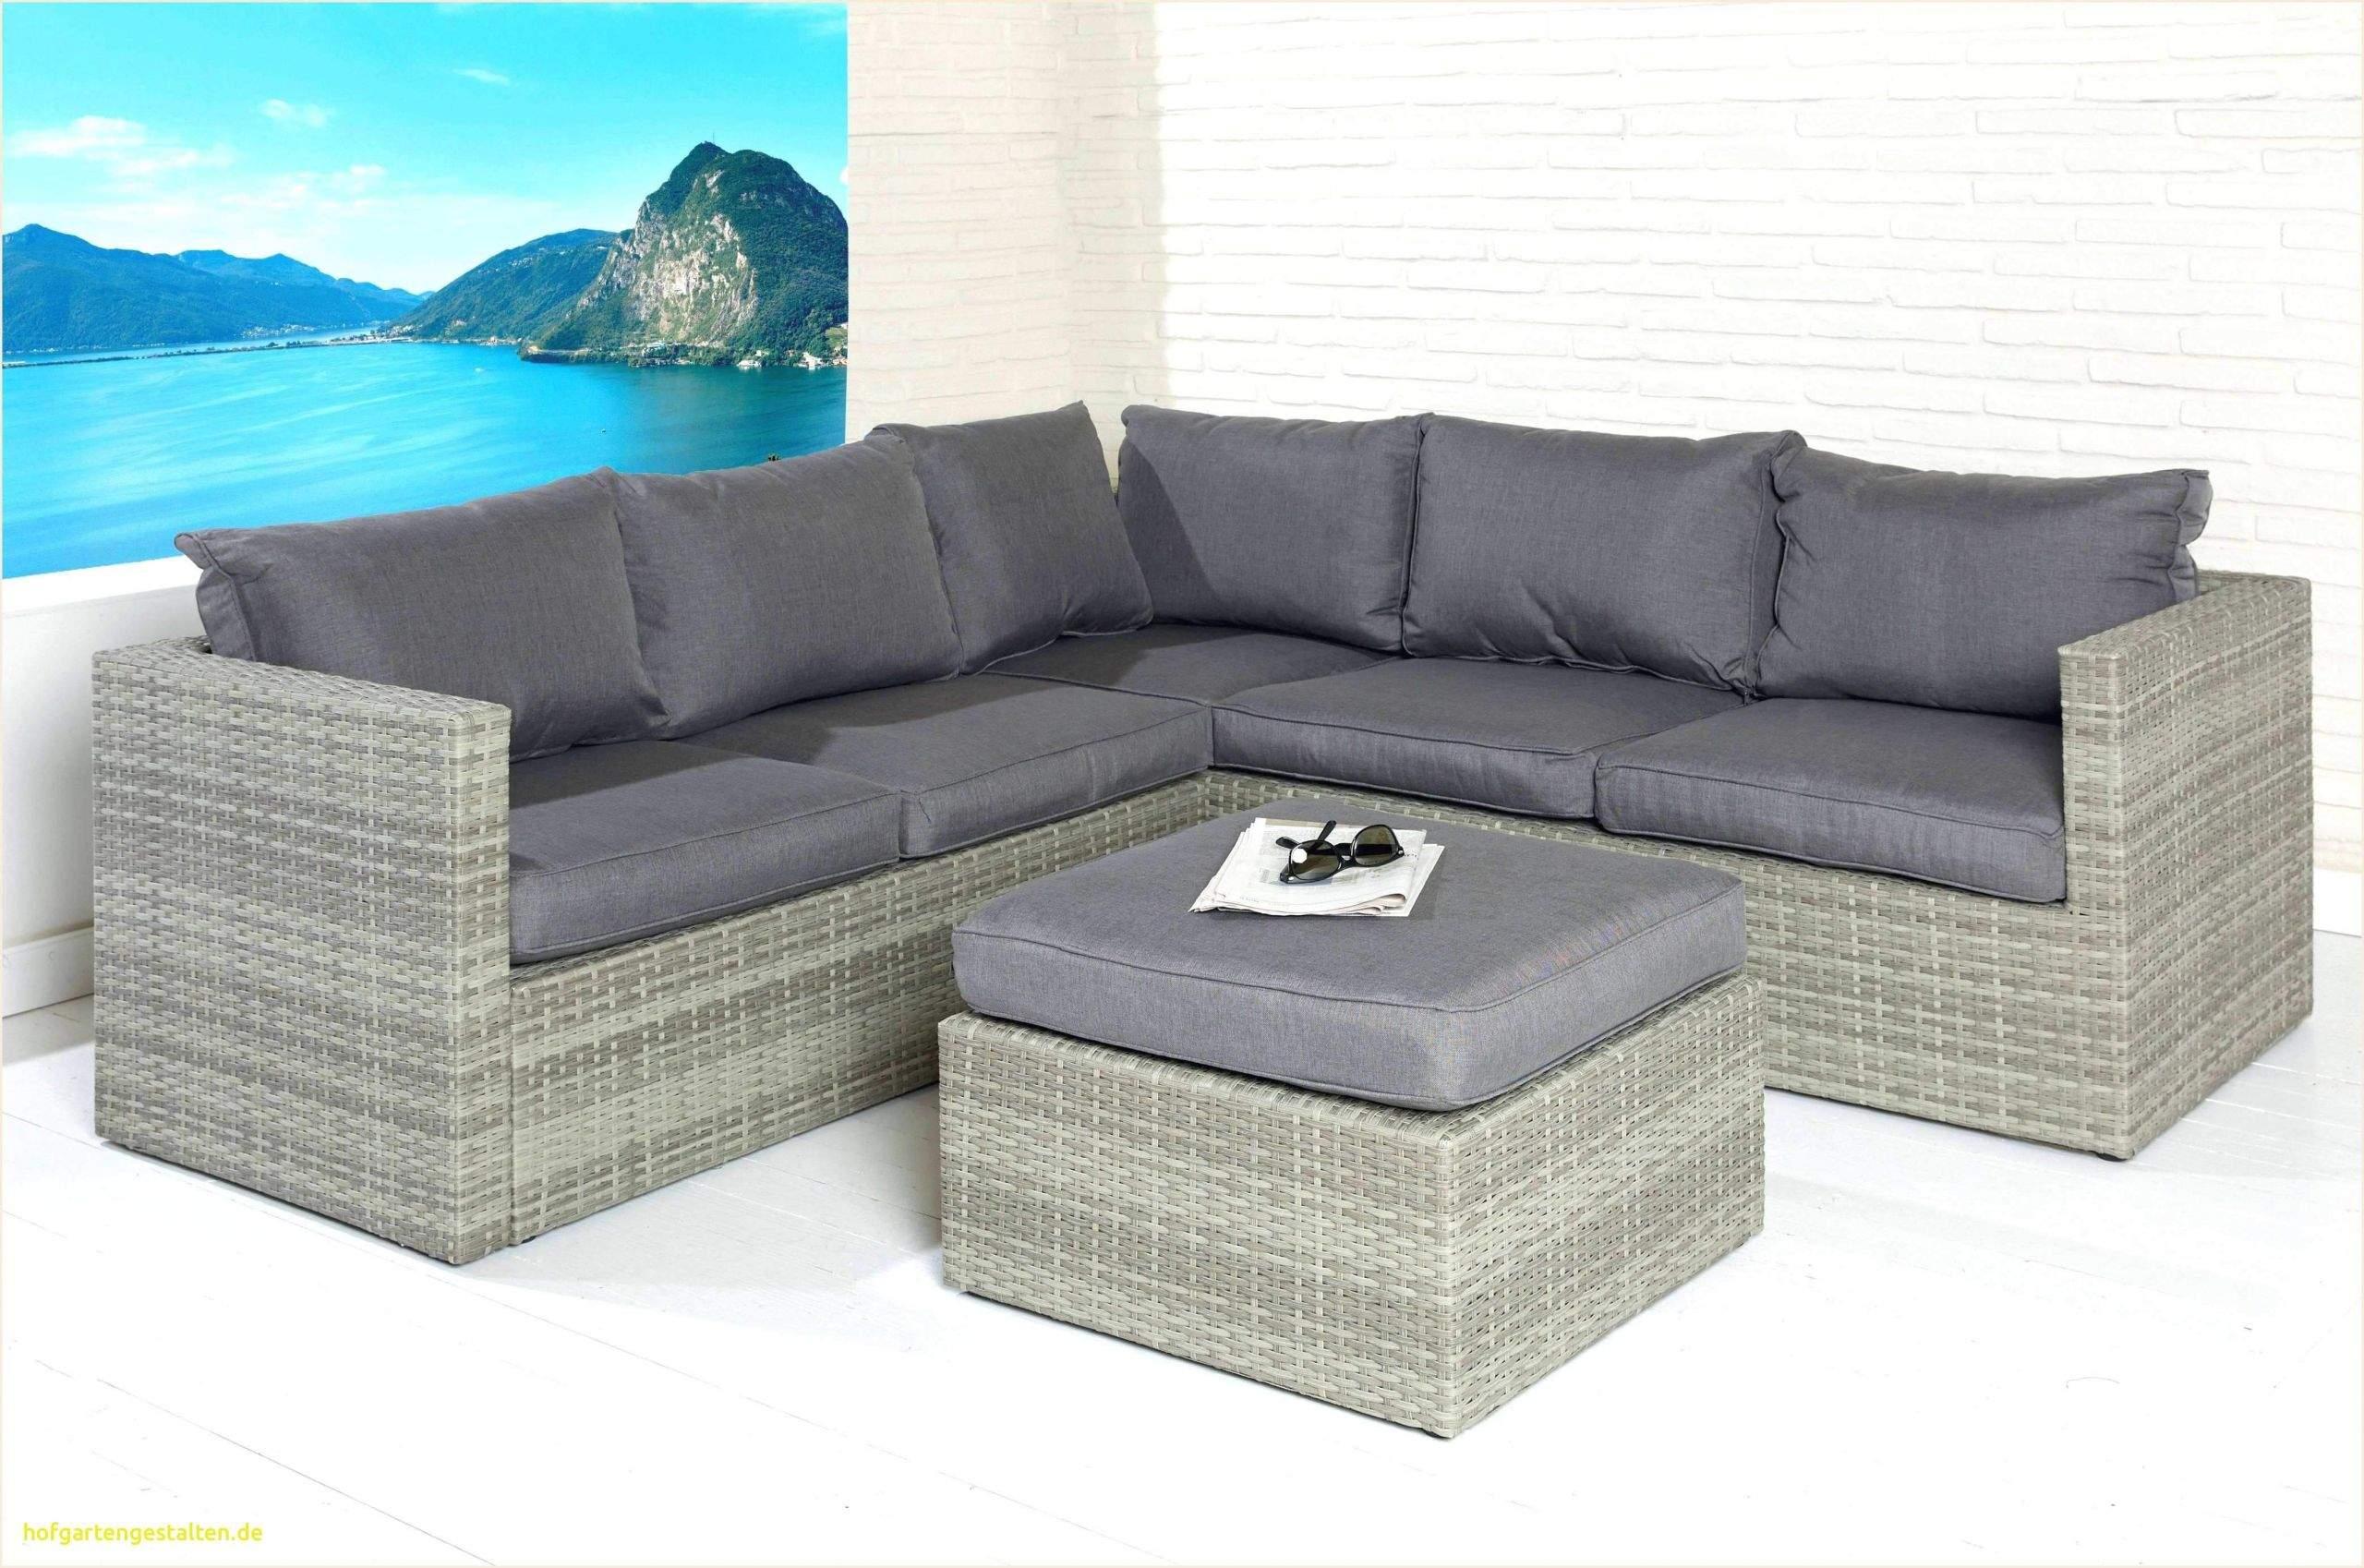 hoffner wohnzimmer einzigartig 45 luxus von lounge mobel wohnzimmer planen of hoffner wohnzimmer scaled